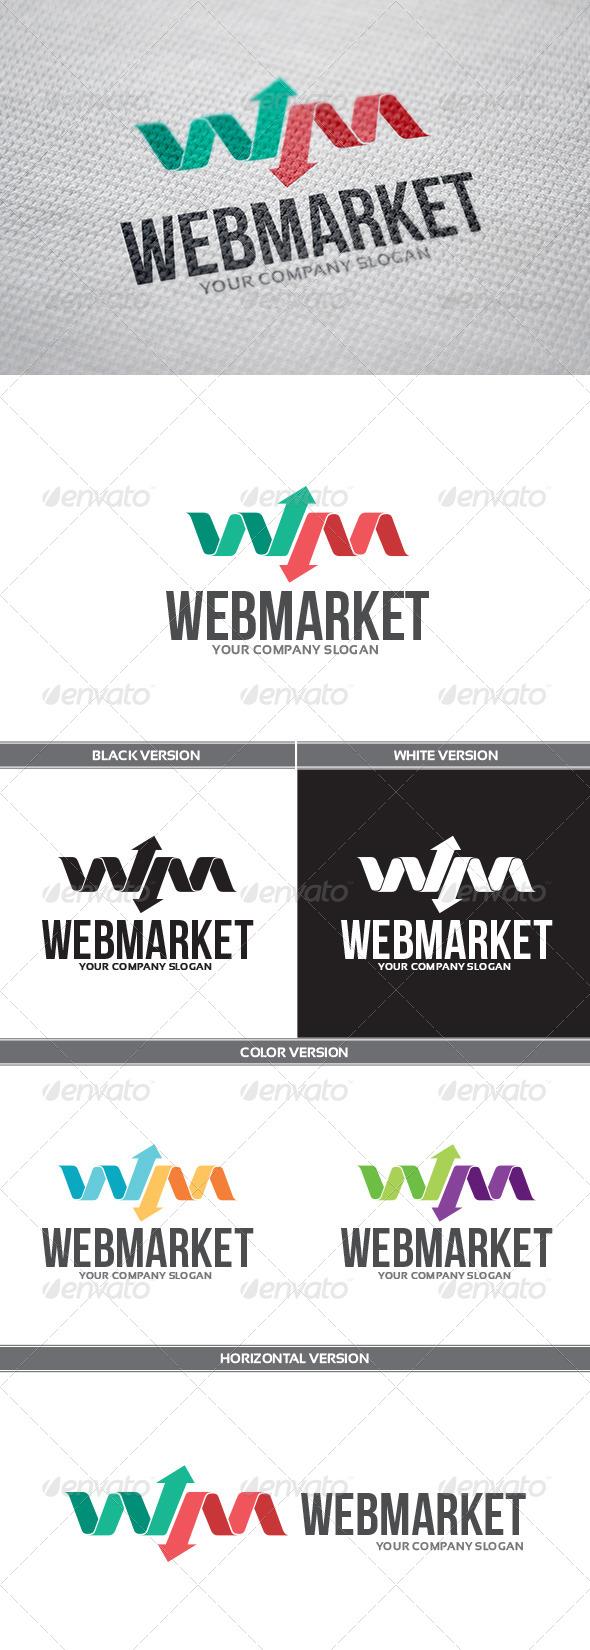 GraphicRiver WebMarket Logo 6765106